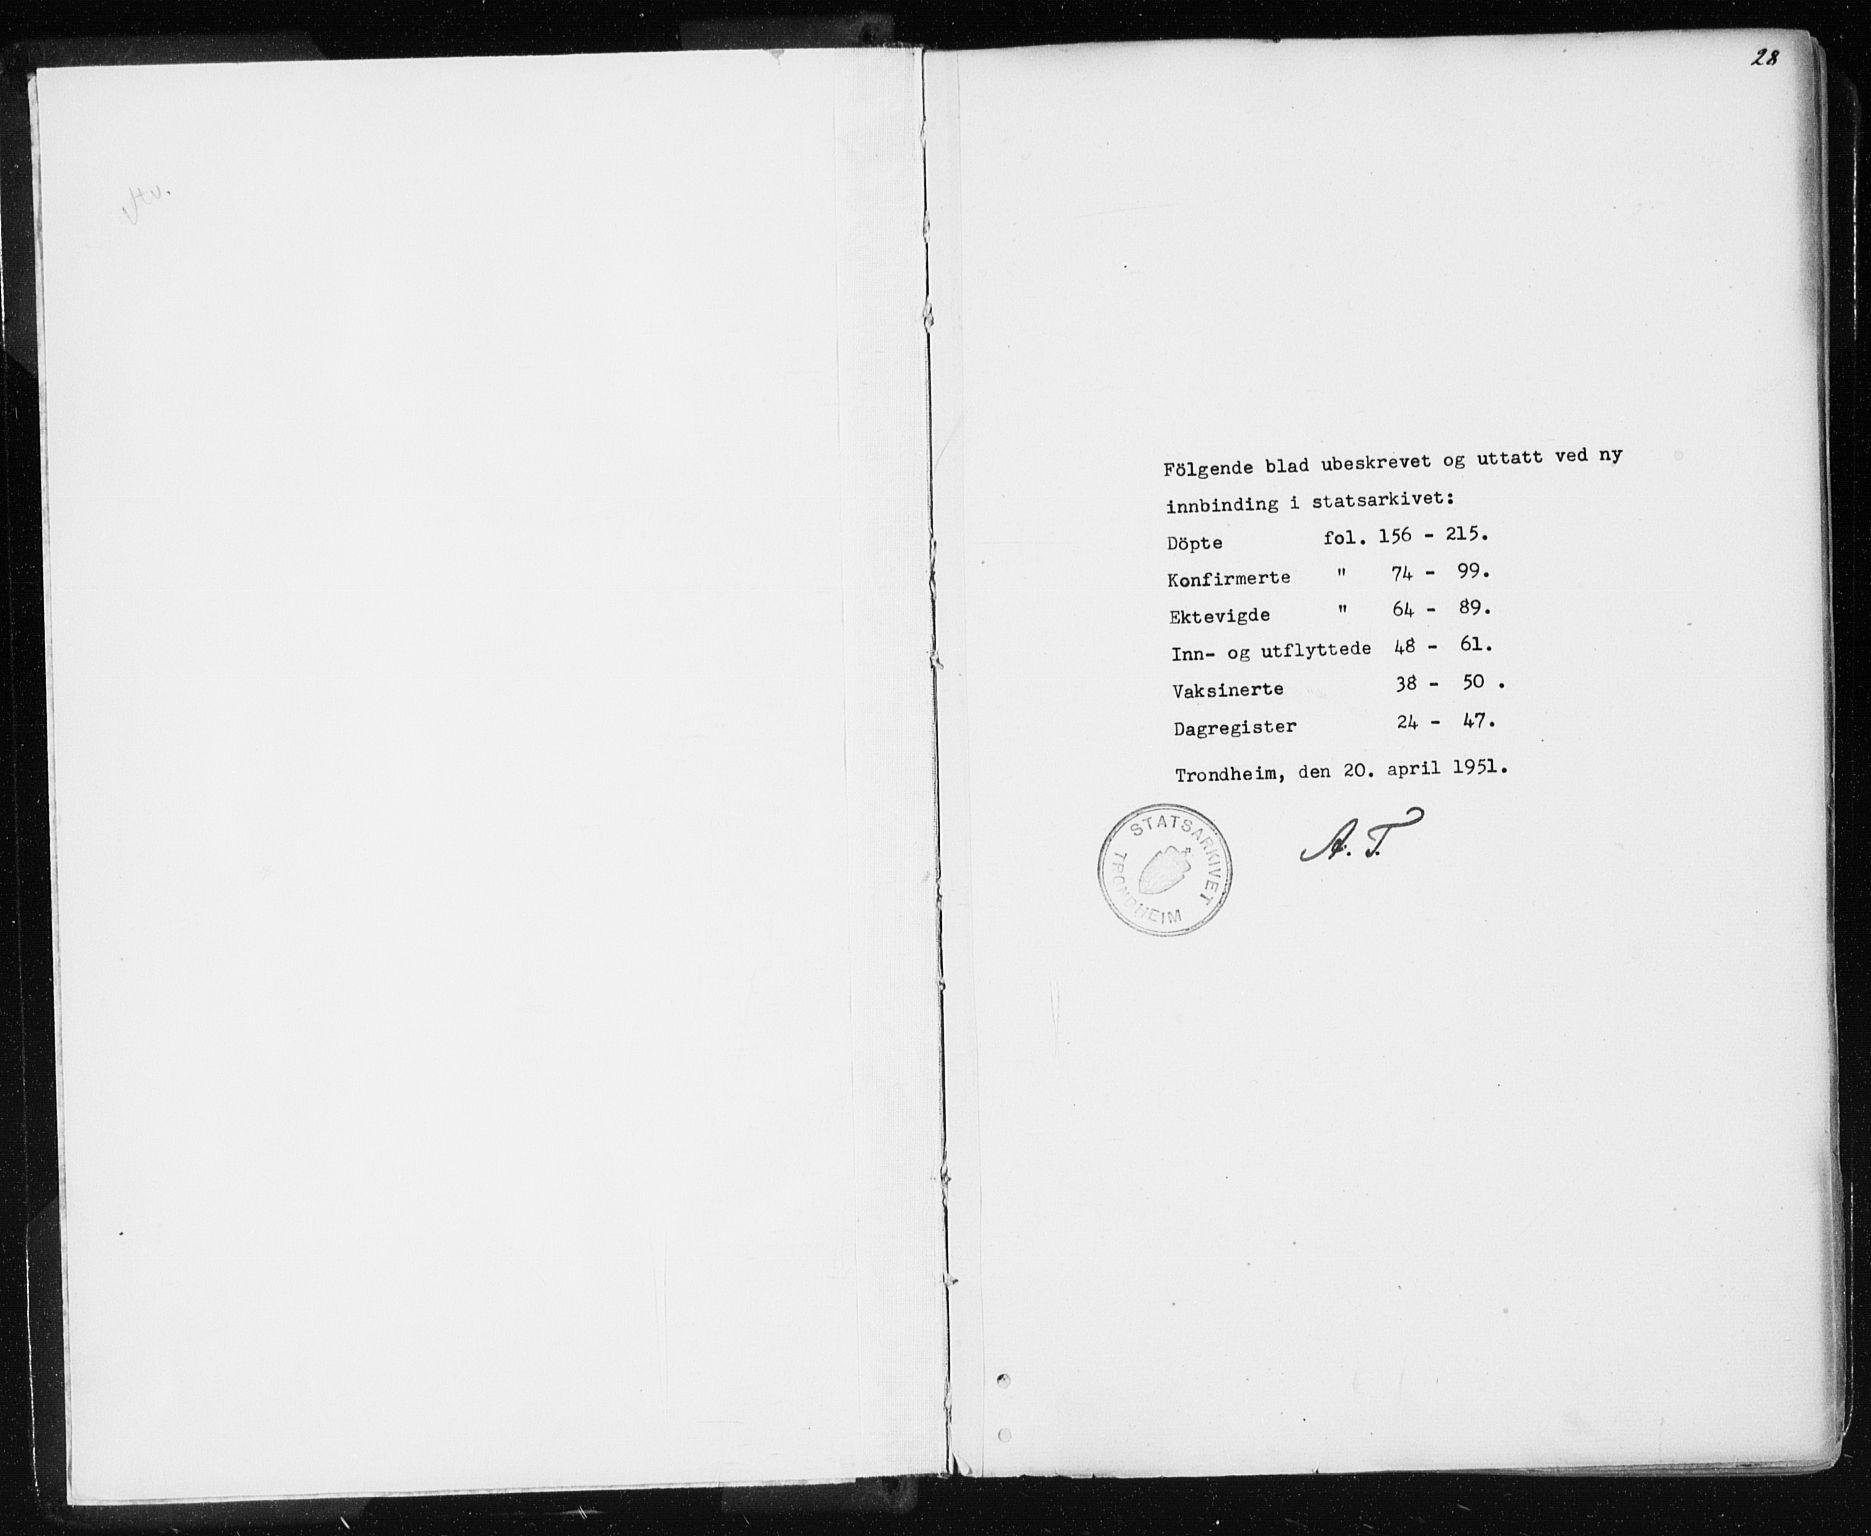 SAT, Ministerialprotokoller, klokkerbøker og fødselsregistre - Sør-Trøndelag, 601/L0053: Ministerialbok nr. 601A21, 1857-1865, s. 28